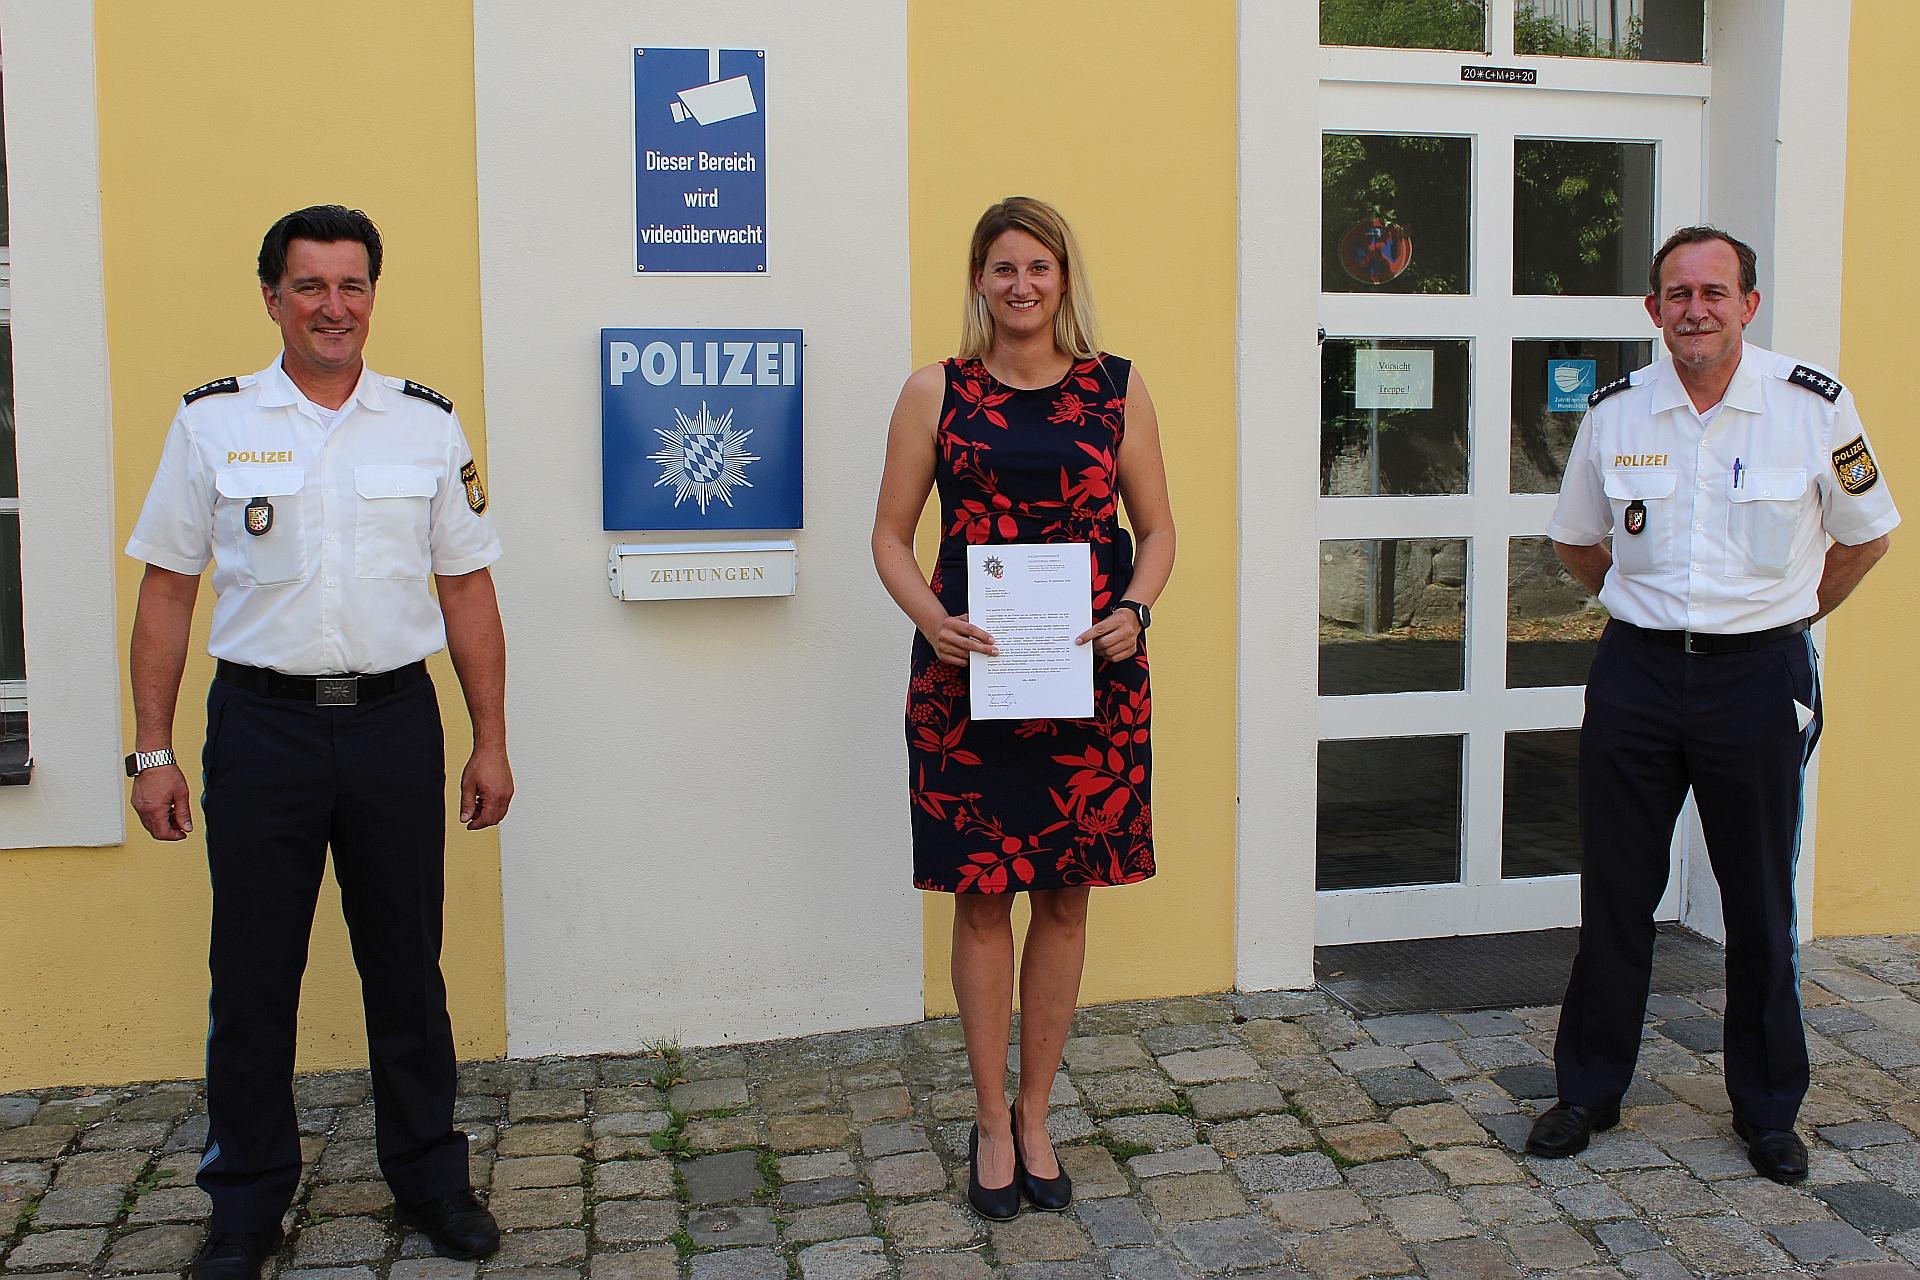 Polizeivizepräsident Schöniger belobigt zwei aufmerksame Frauen